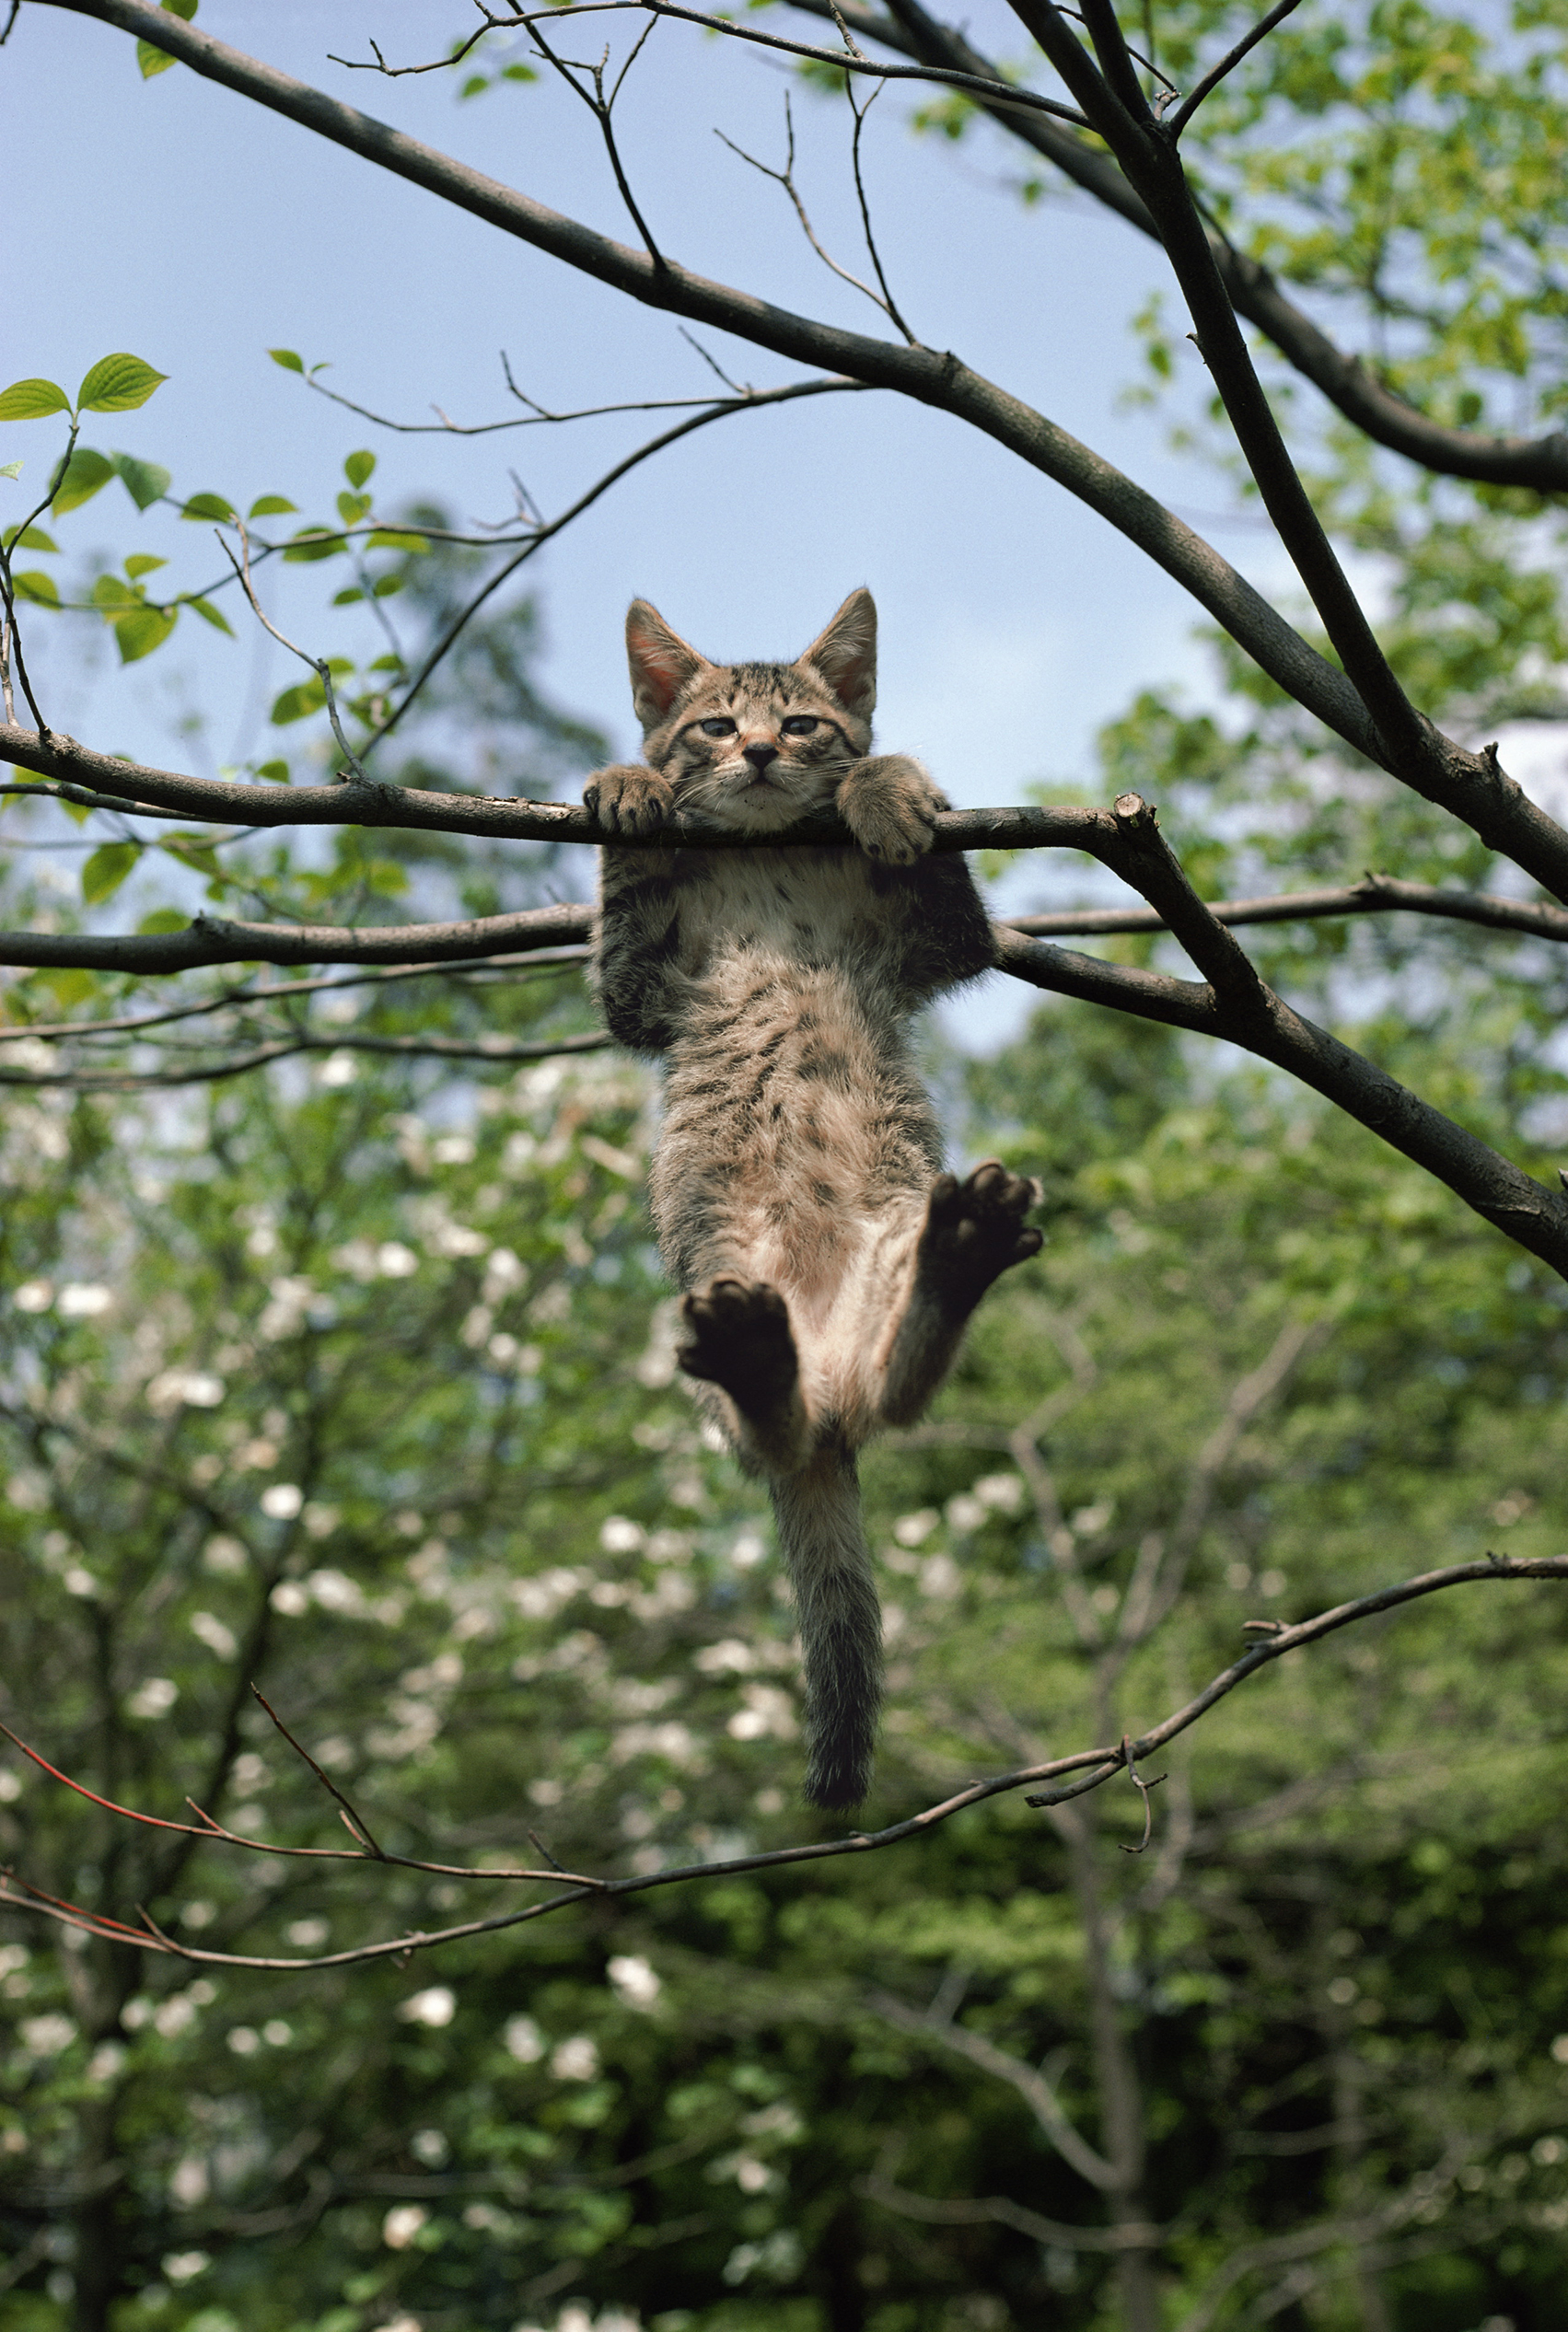 【終了】岩合光昭写真展 THE CATS ねこ科 ねこは野生動物だ。